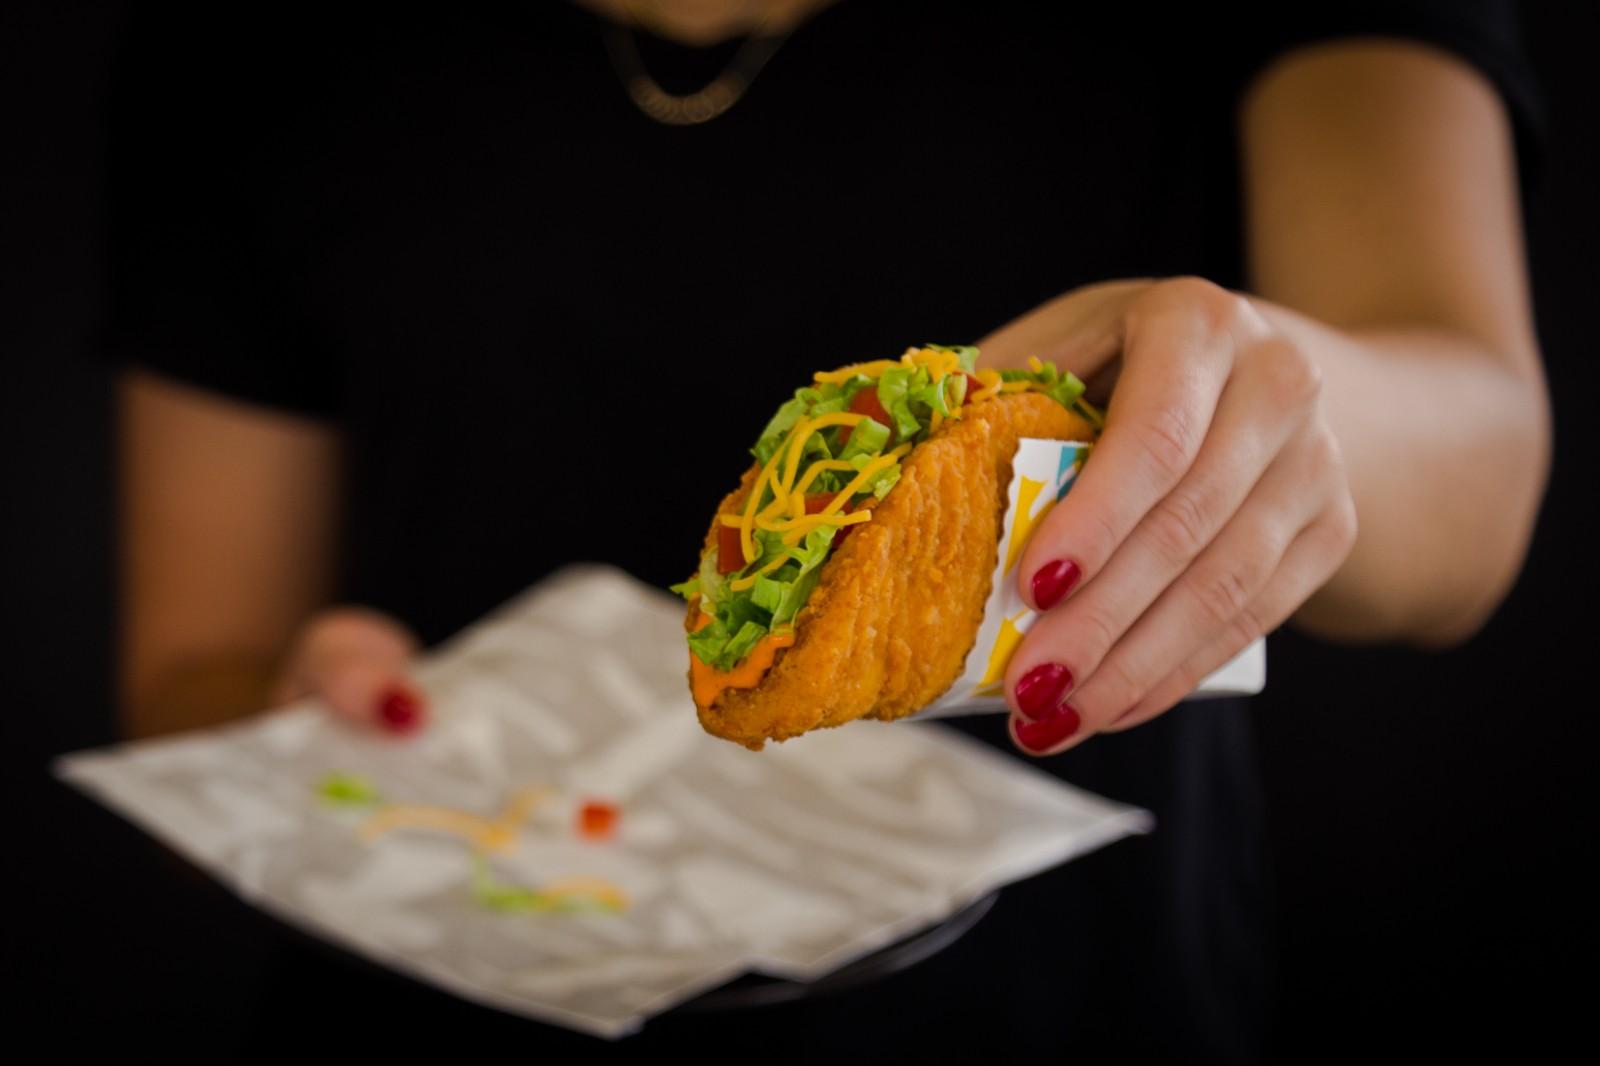 又一快餐连锁食品短缺 Taco Bell或下架部分菜品_图1-3